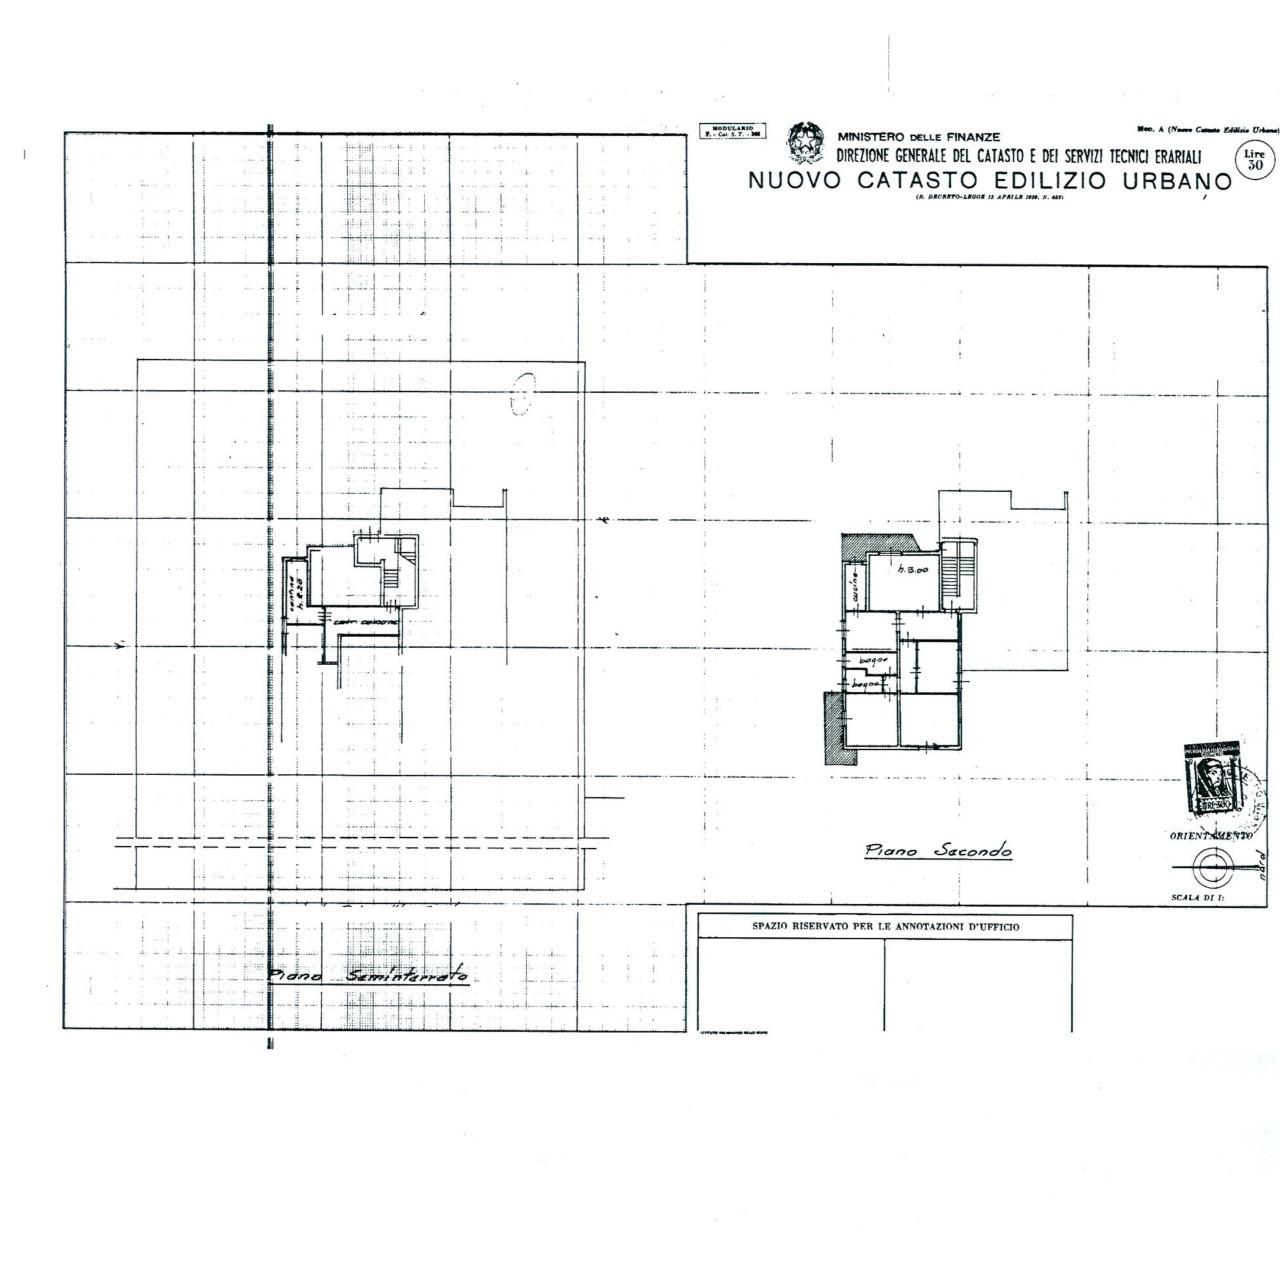 Planimetria mod. (2).jpg